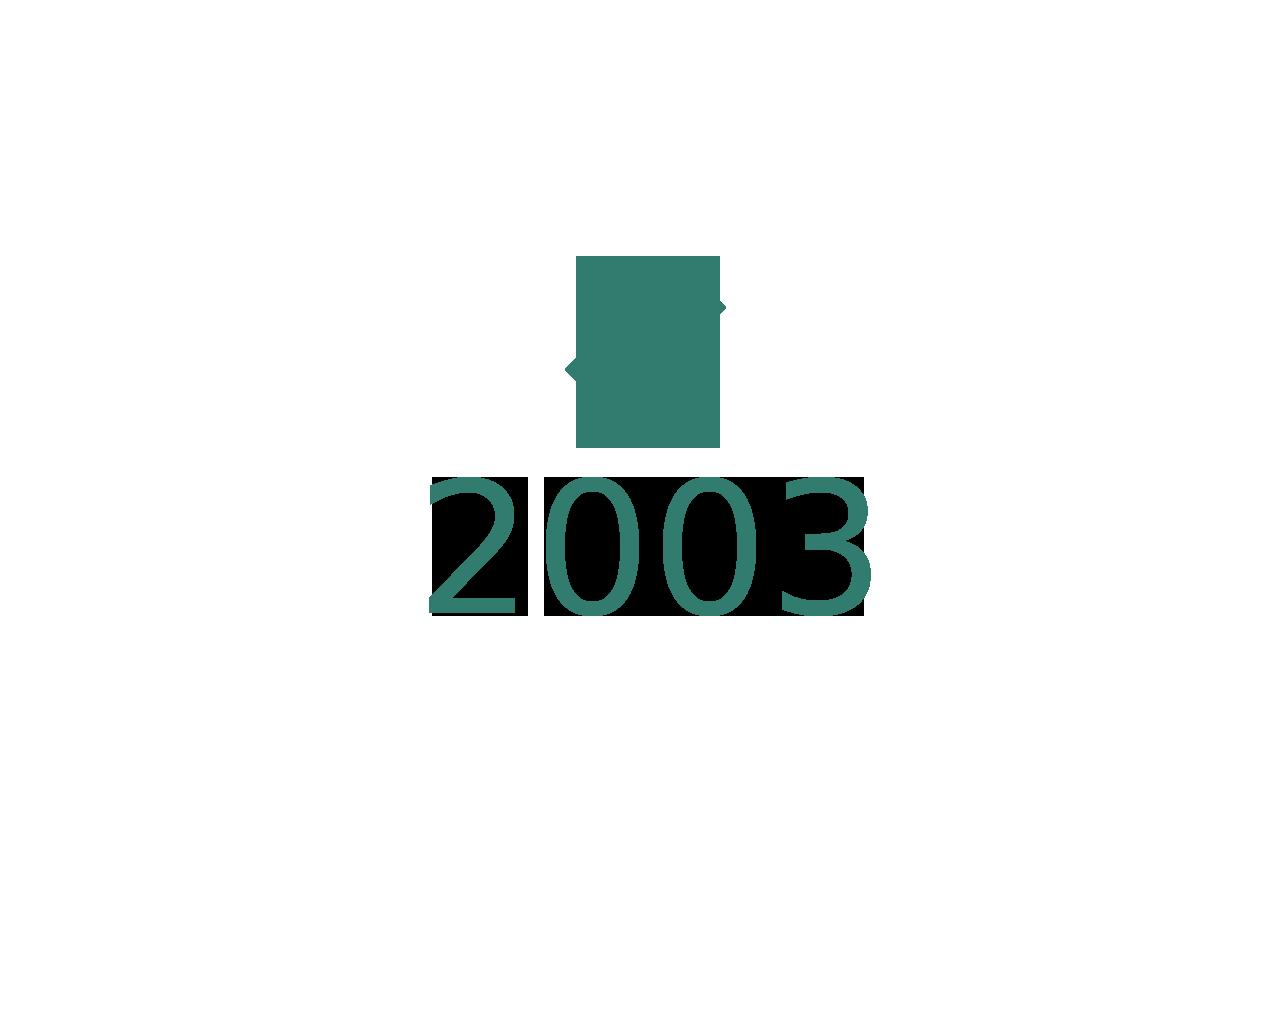 Проекти 2003 г.